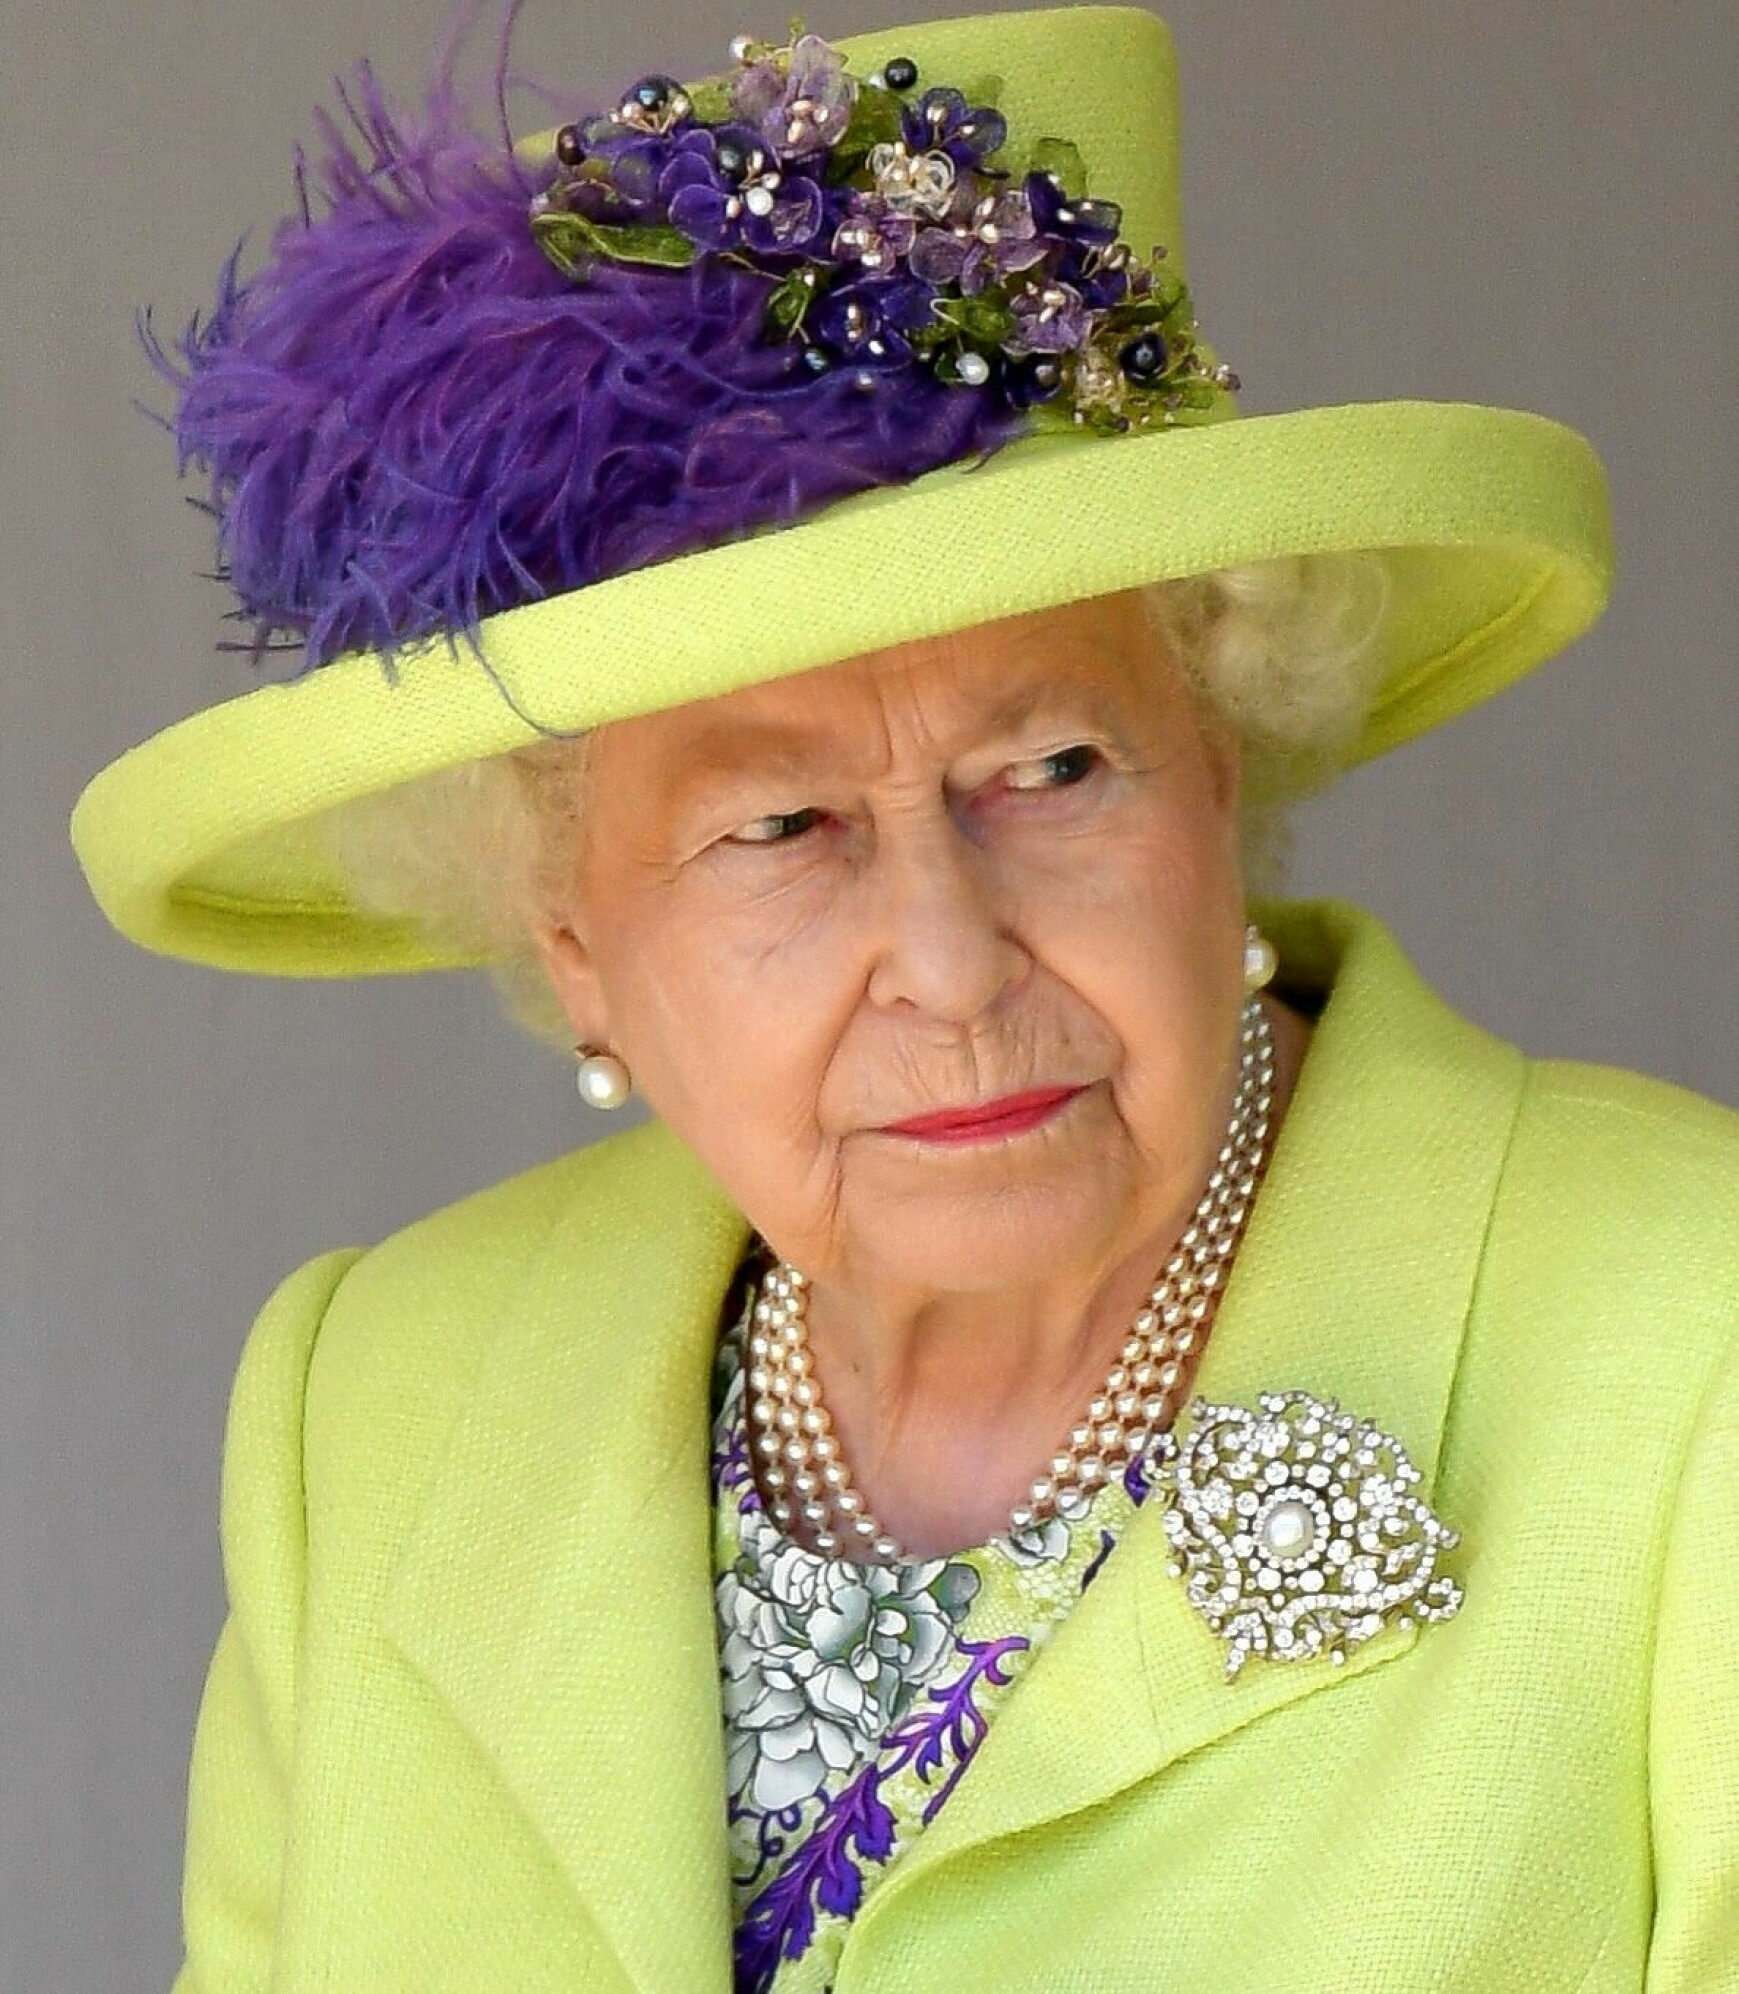 FIKK NOK: Dronning Elizabeth skal ha fått nok av oppførselen til Meghan før vielsen. Foto: REX / NTB